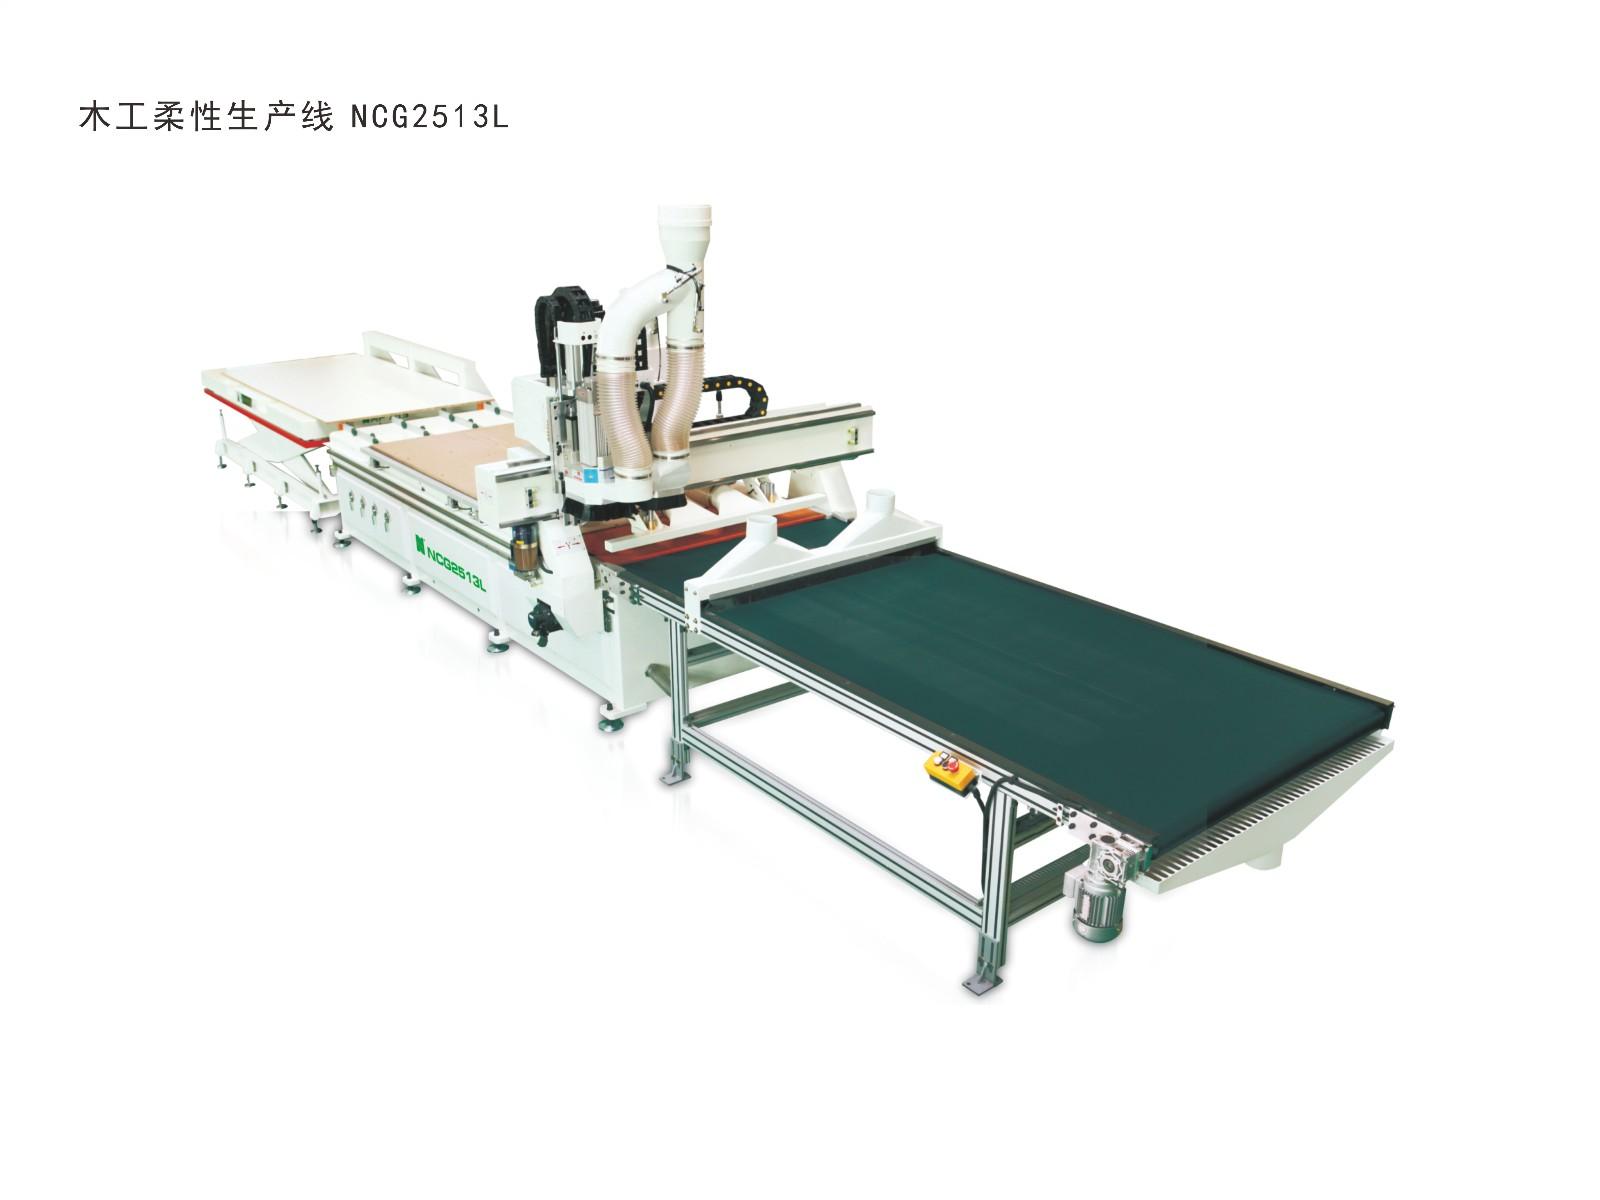 木工柔性生产线 NCG2513L